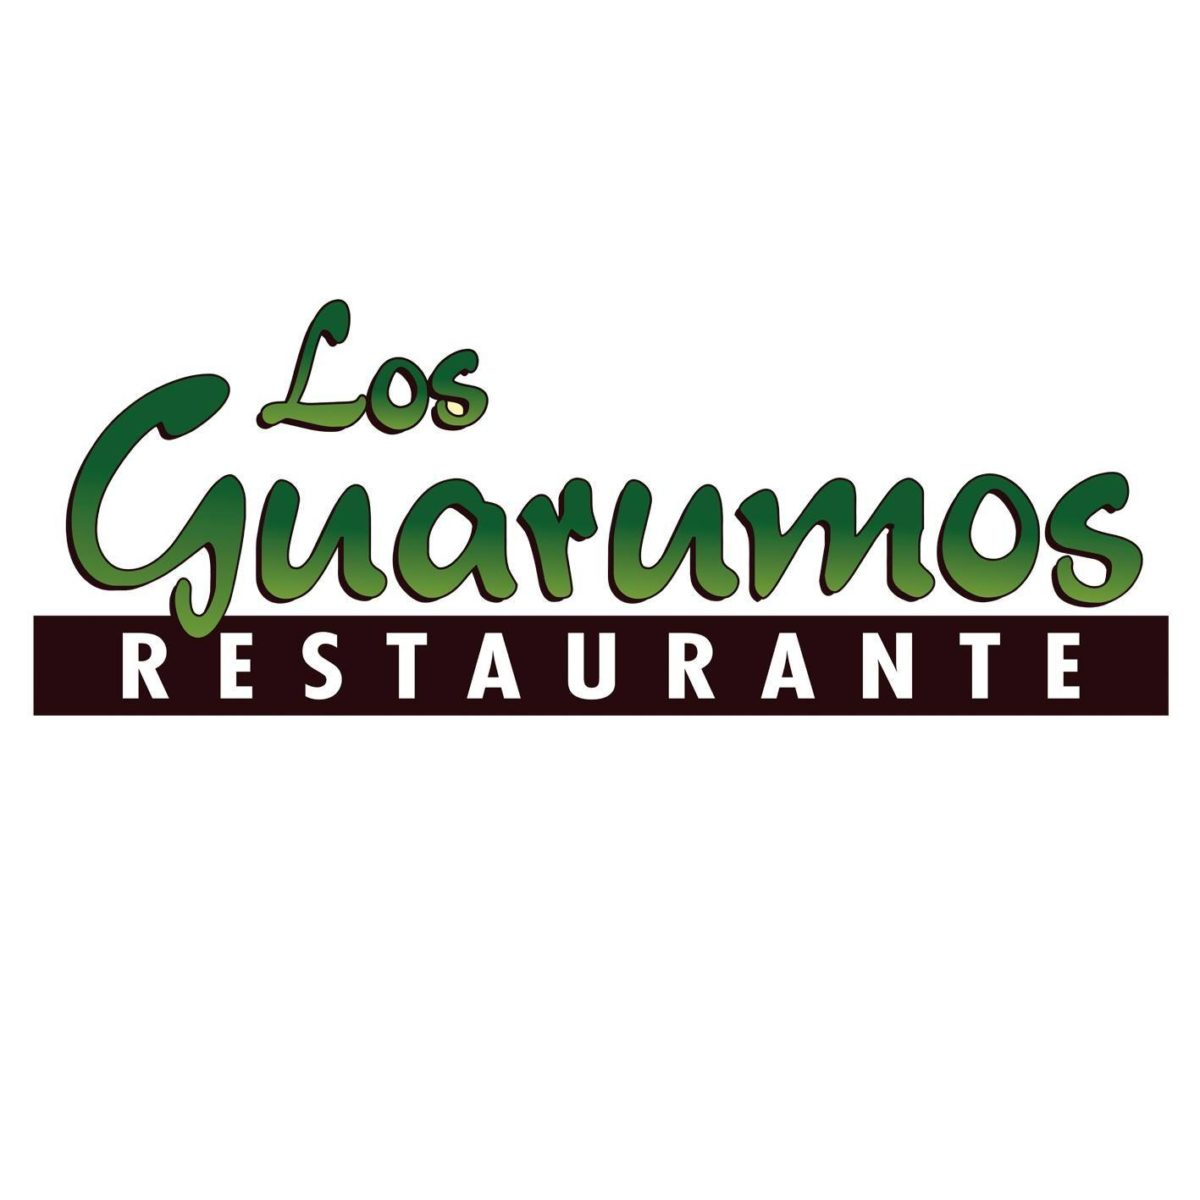 Guarumos